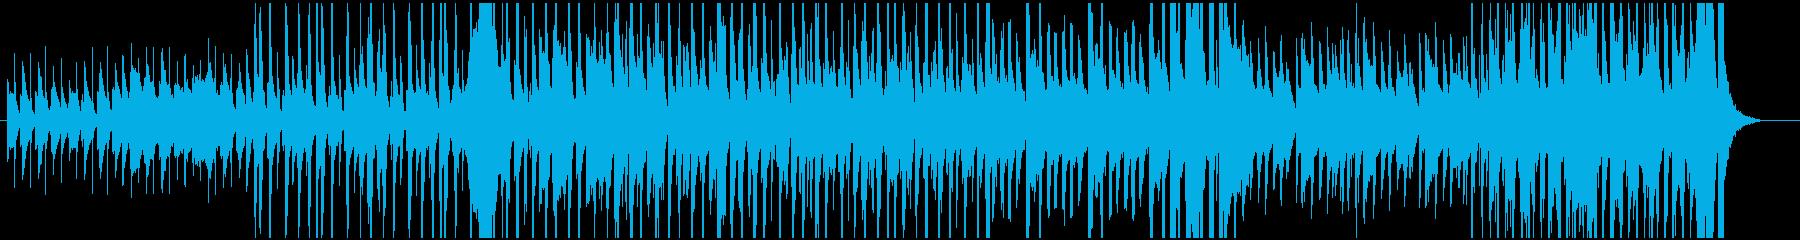 軽快でノリノリな小編成の楽しいジャズの再生済みの波形